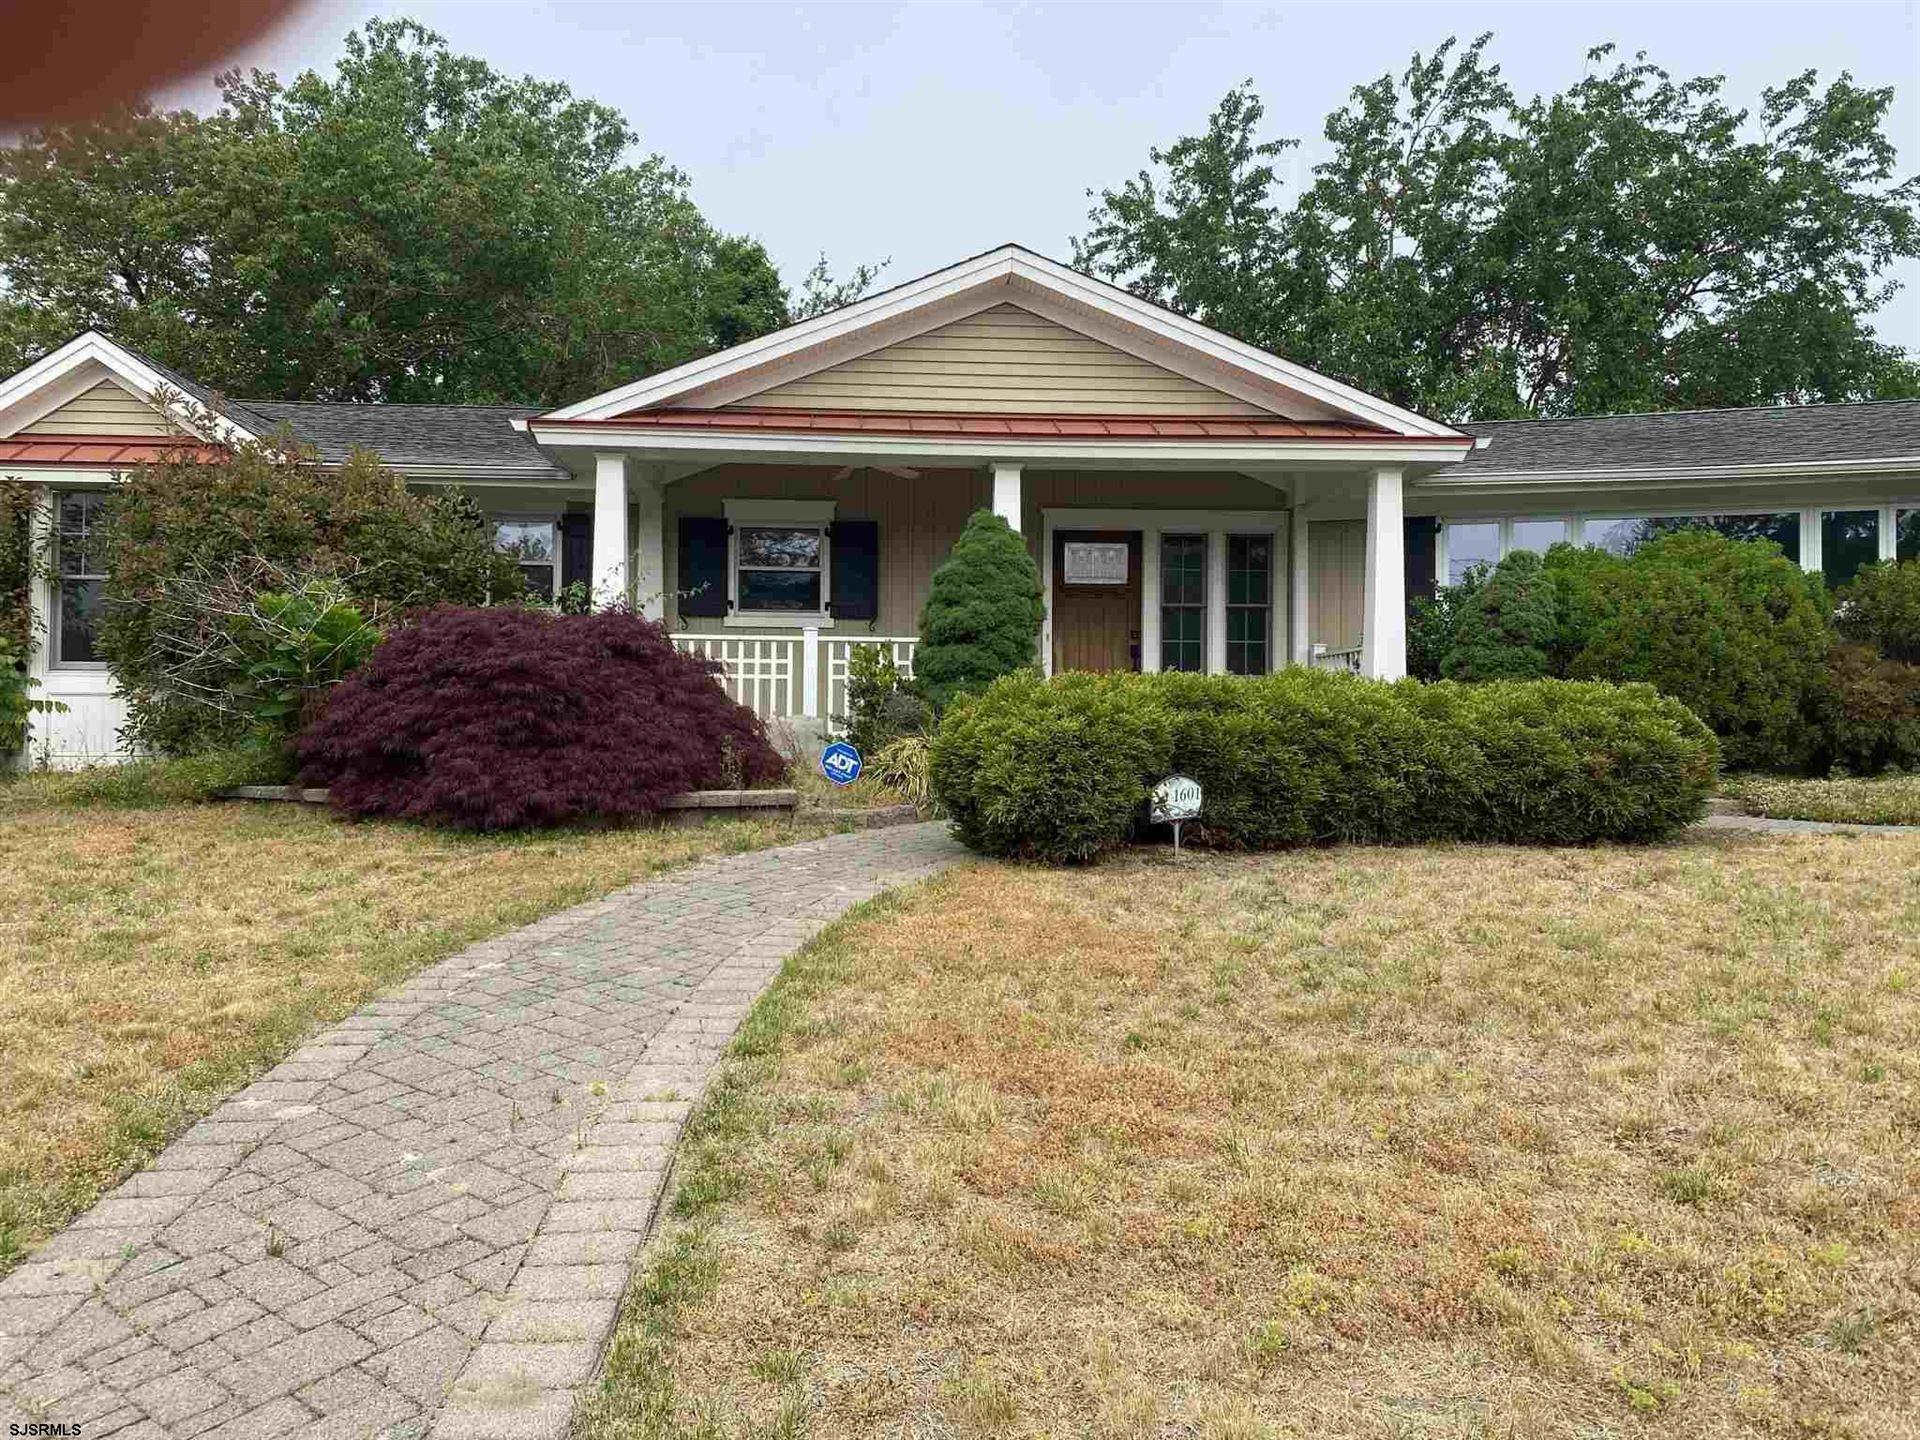 1601 Woodlynne Blvd, Linwood, NJ 08221 - #: 551191